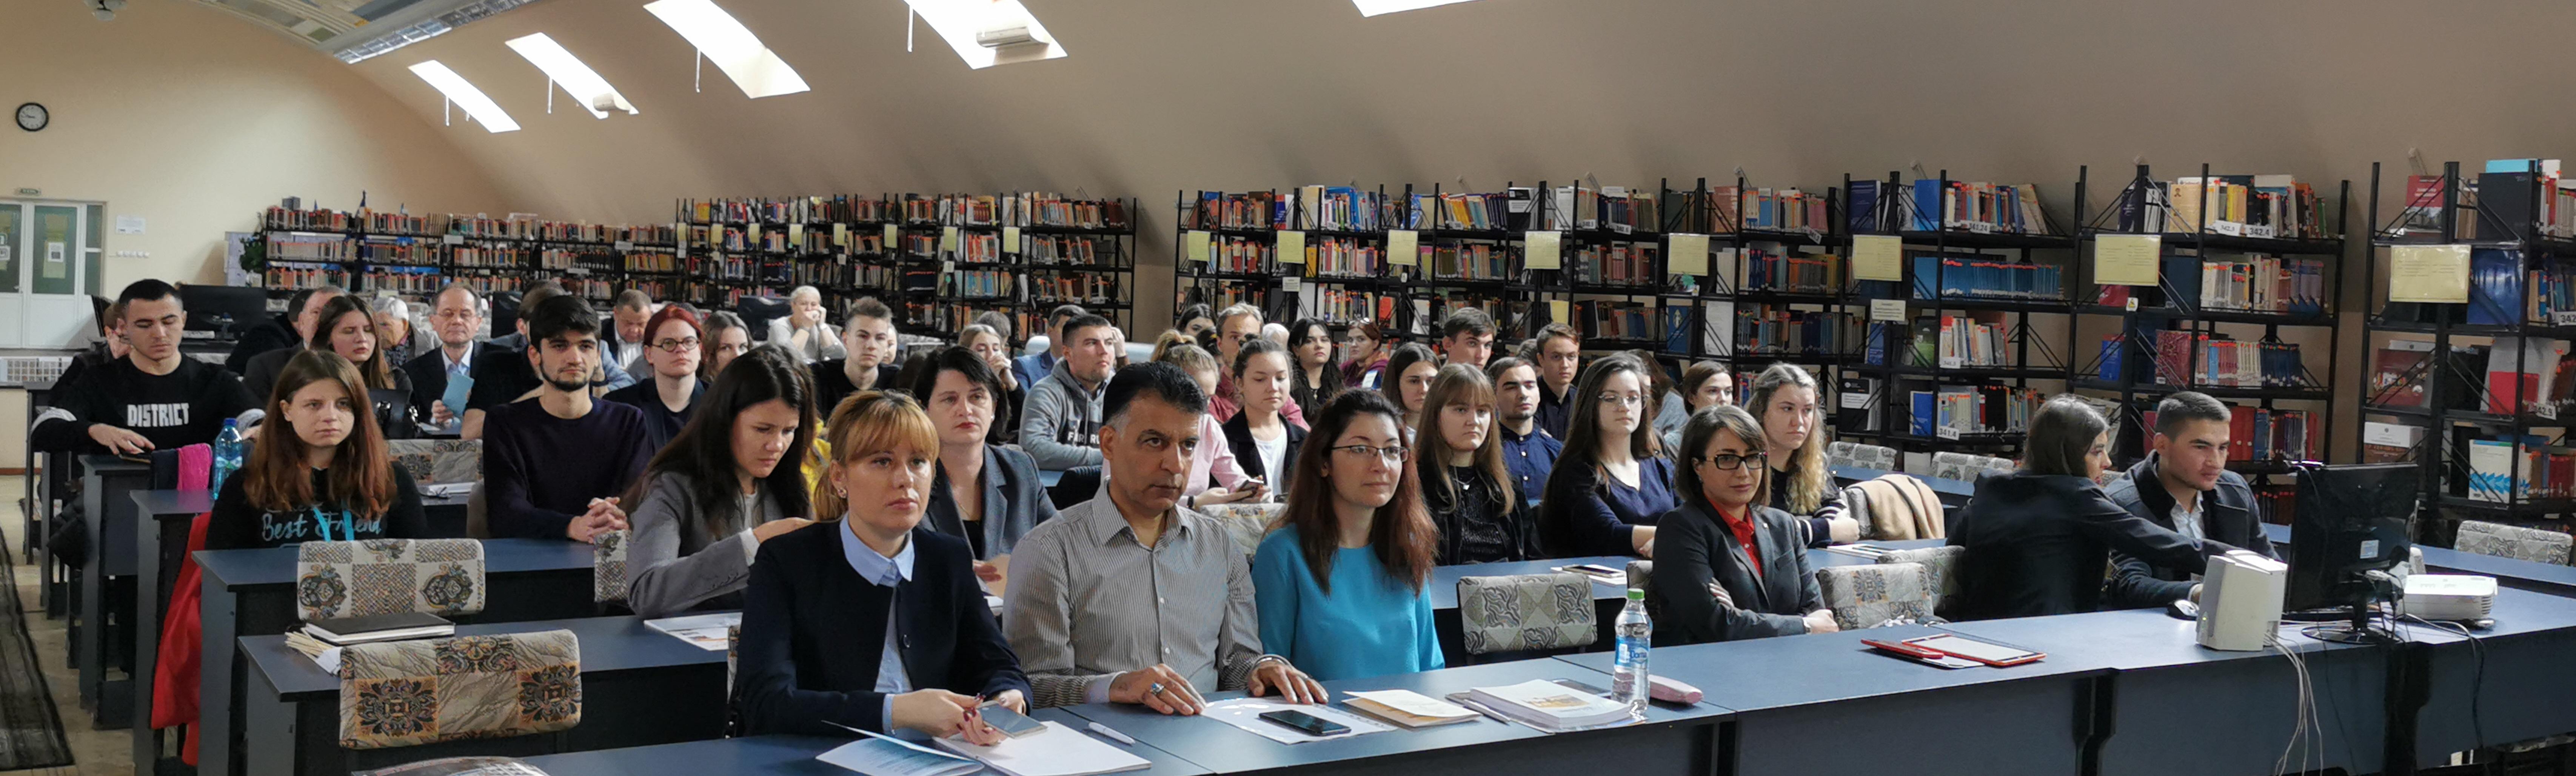 Conferințe în cadrul Școlilor Doctorale, a Facultăților și a Departamentului Informațional Biblioteconomic